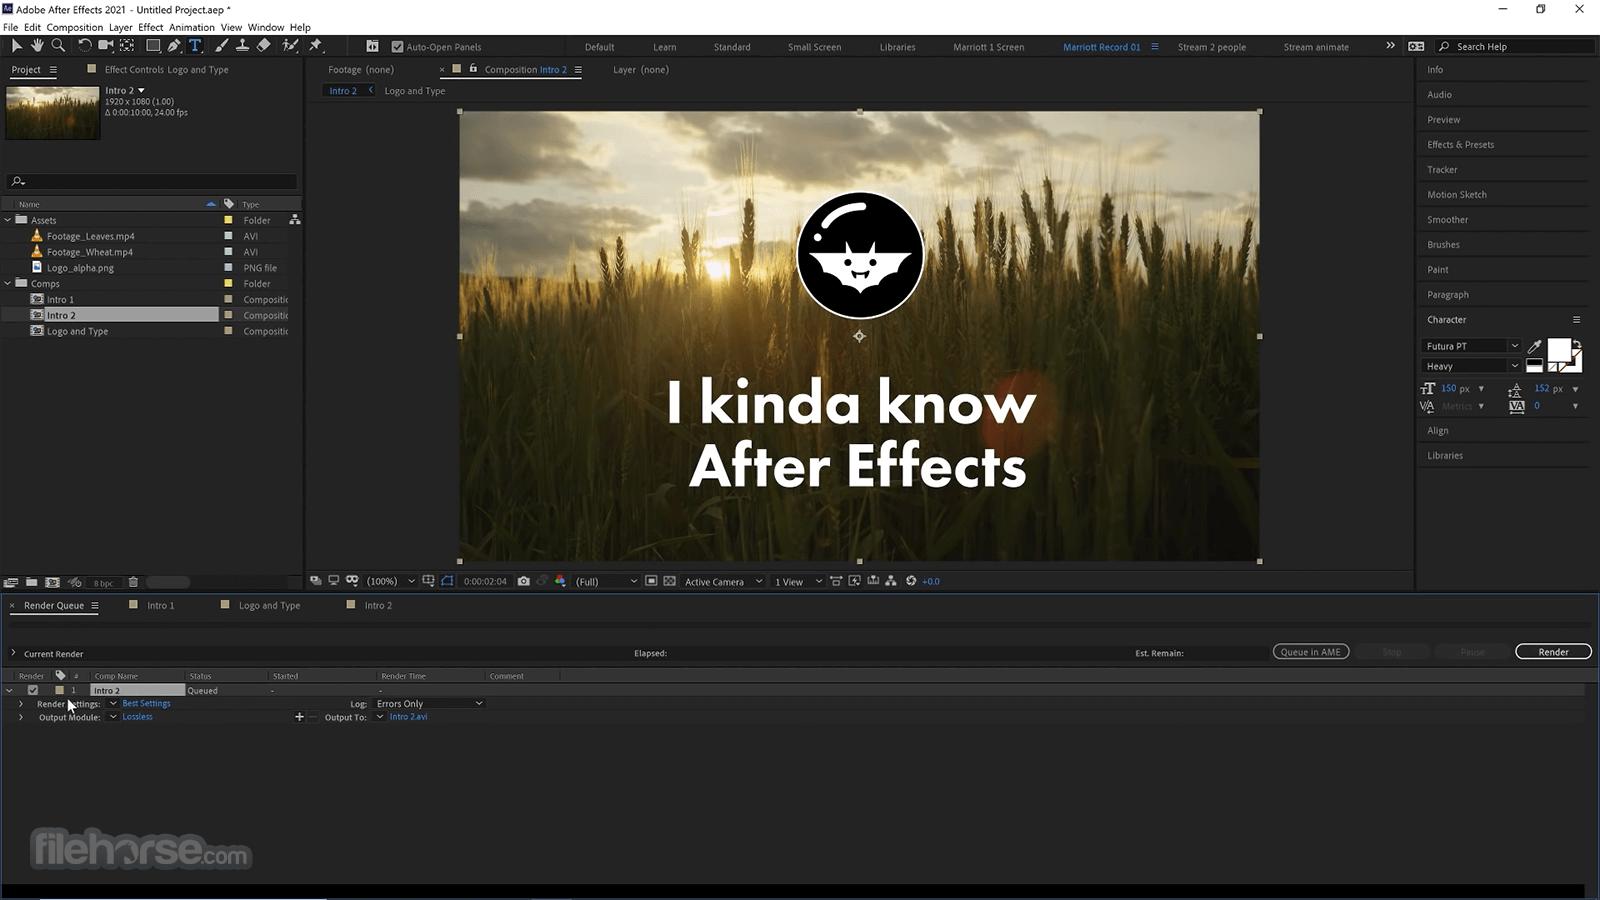 Adobe After Effects CC 2021 18.4.1 Screenshot 5